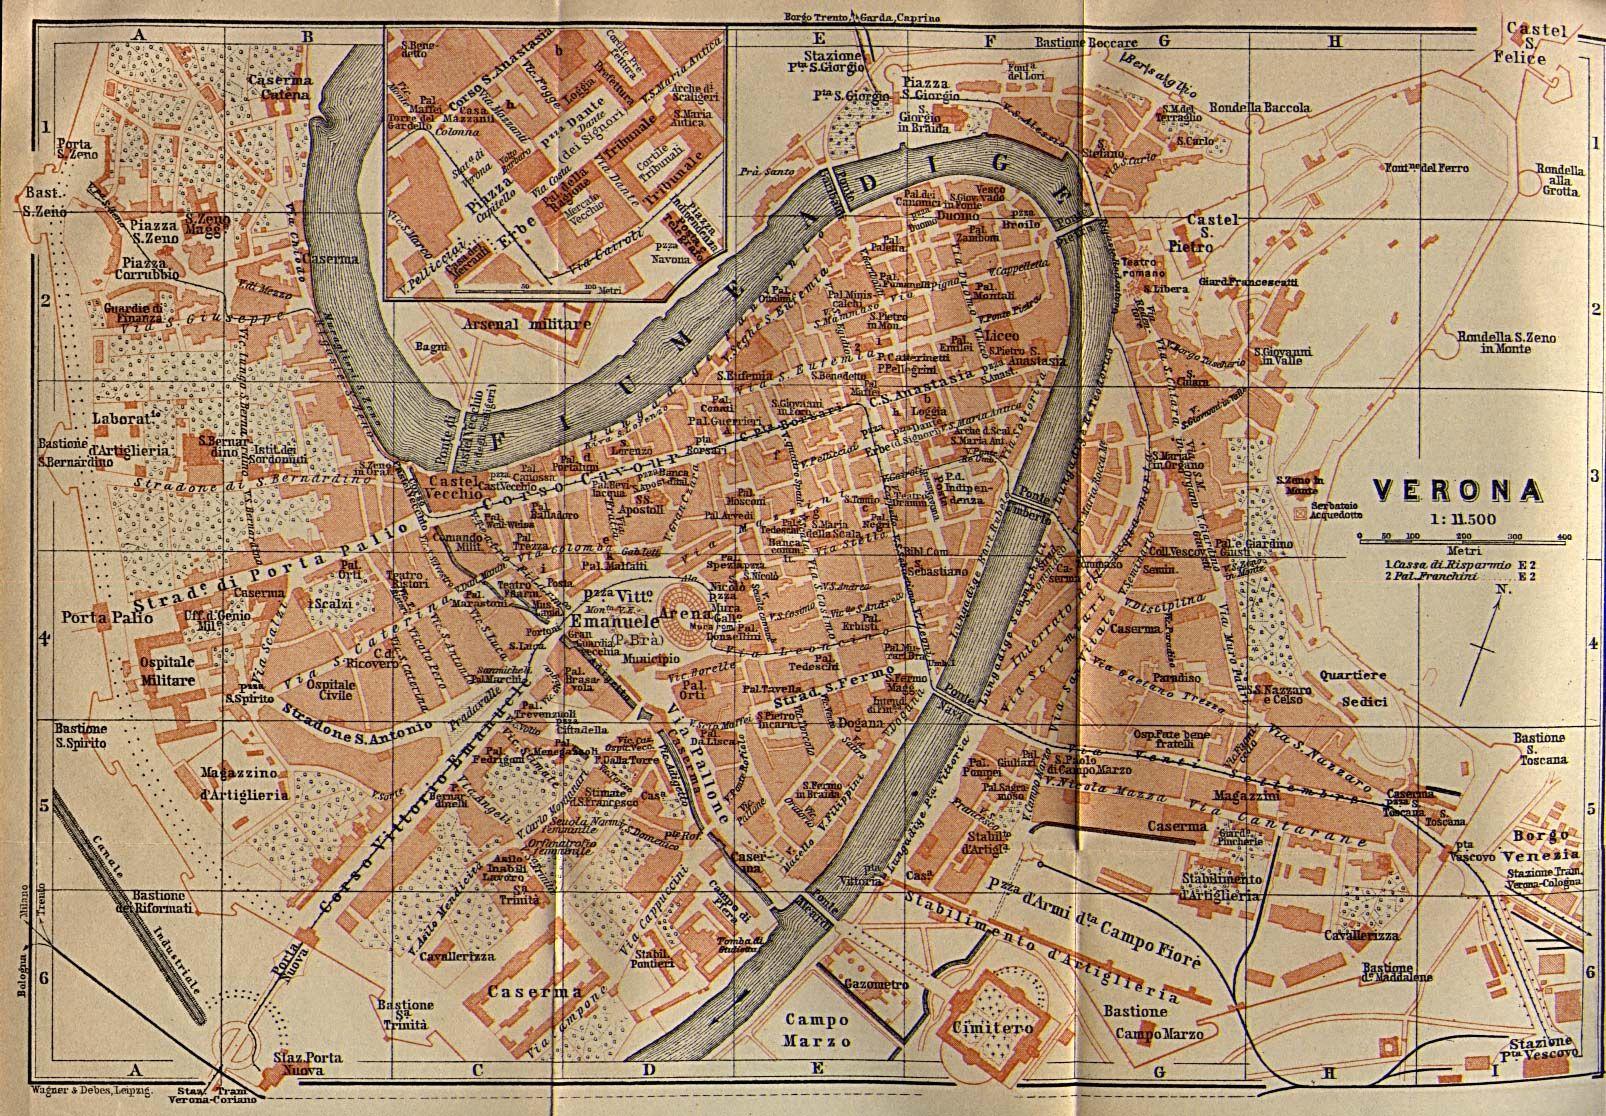 Pin By Marina Shelton On Verona Italy Italy Map Verona